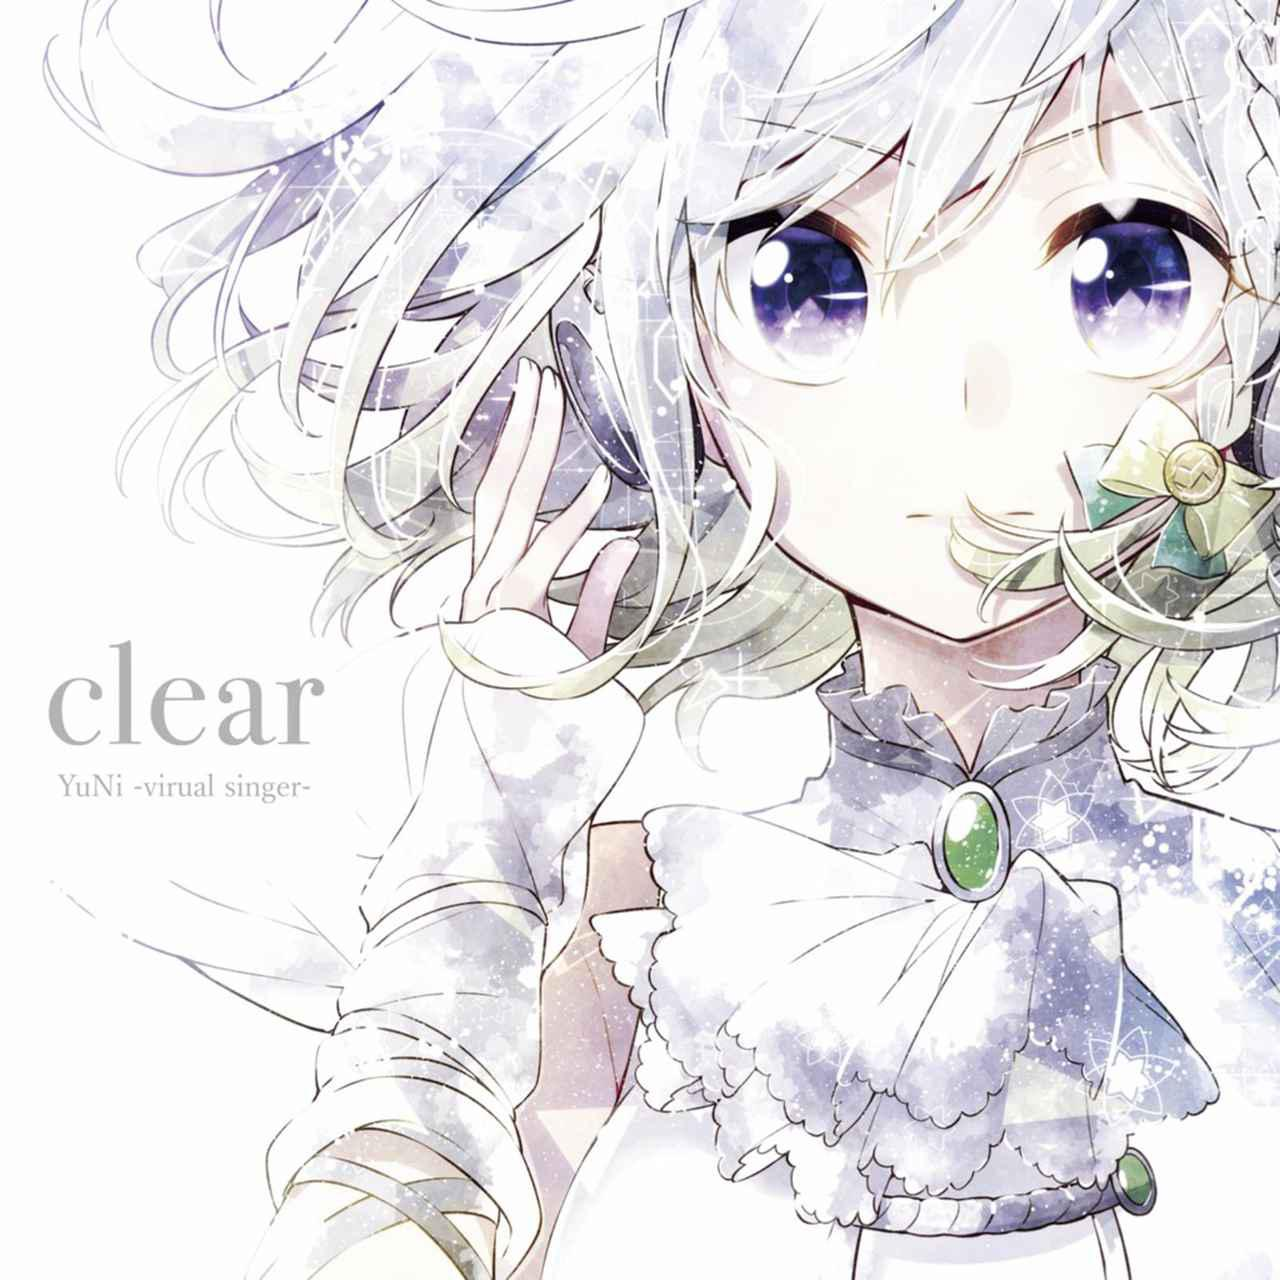 画像: clear / YuNi